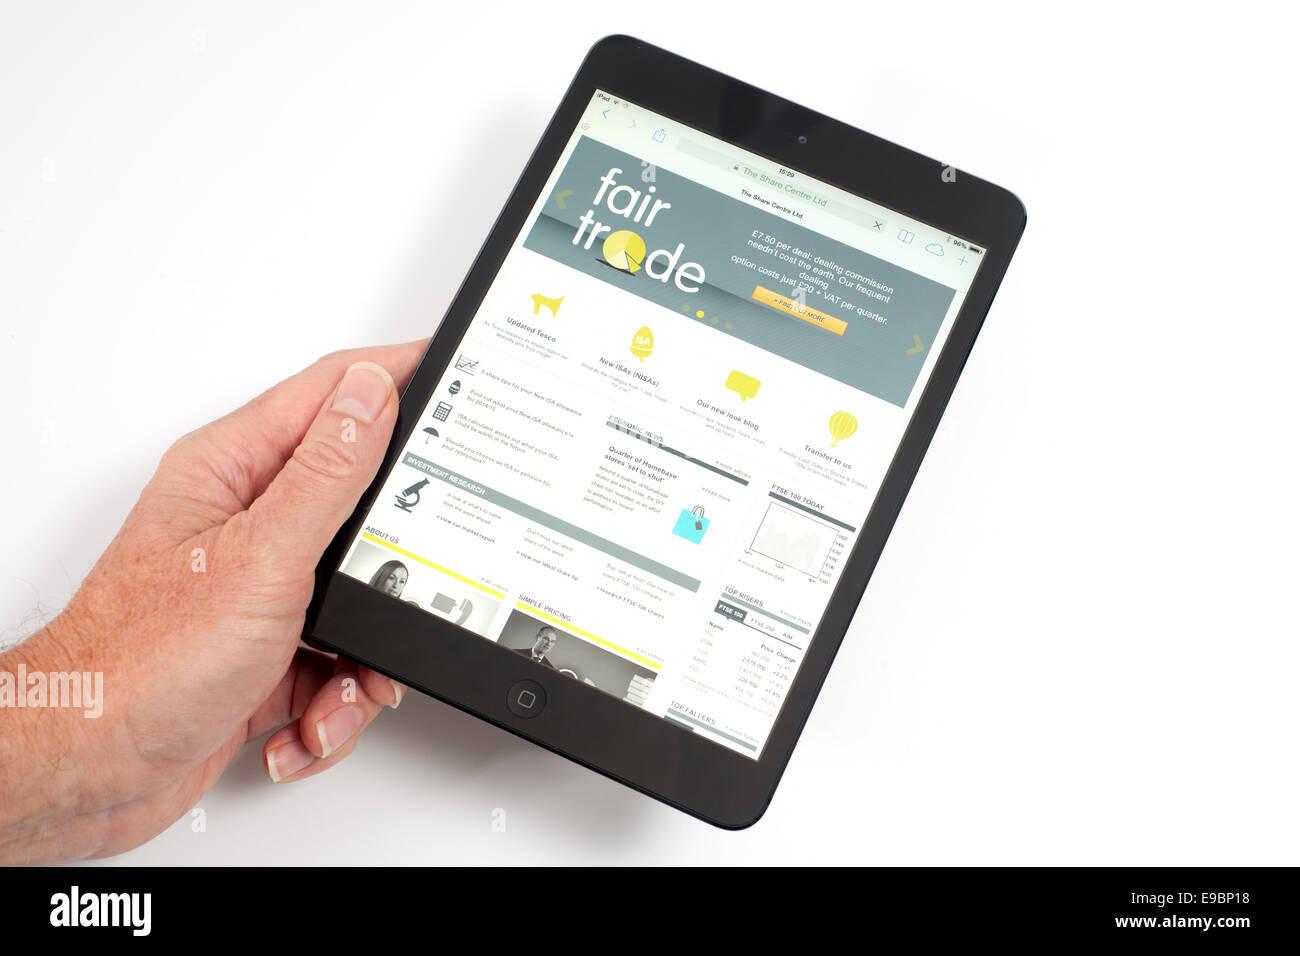 L'iPad mini avec le commerce équitable partager portant app sur écran Photo Stock